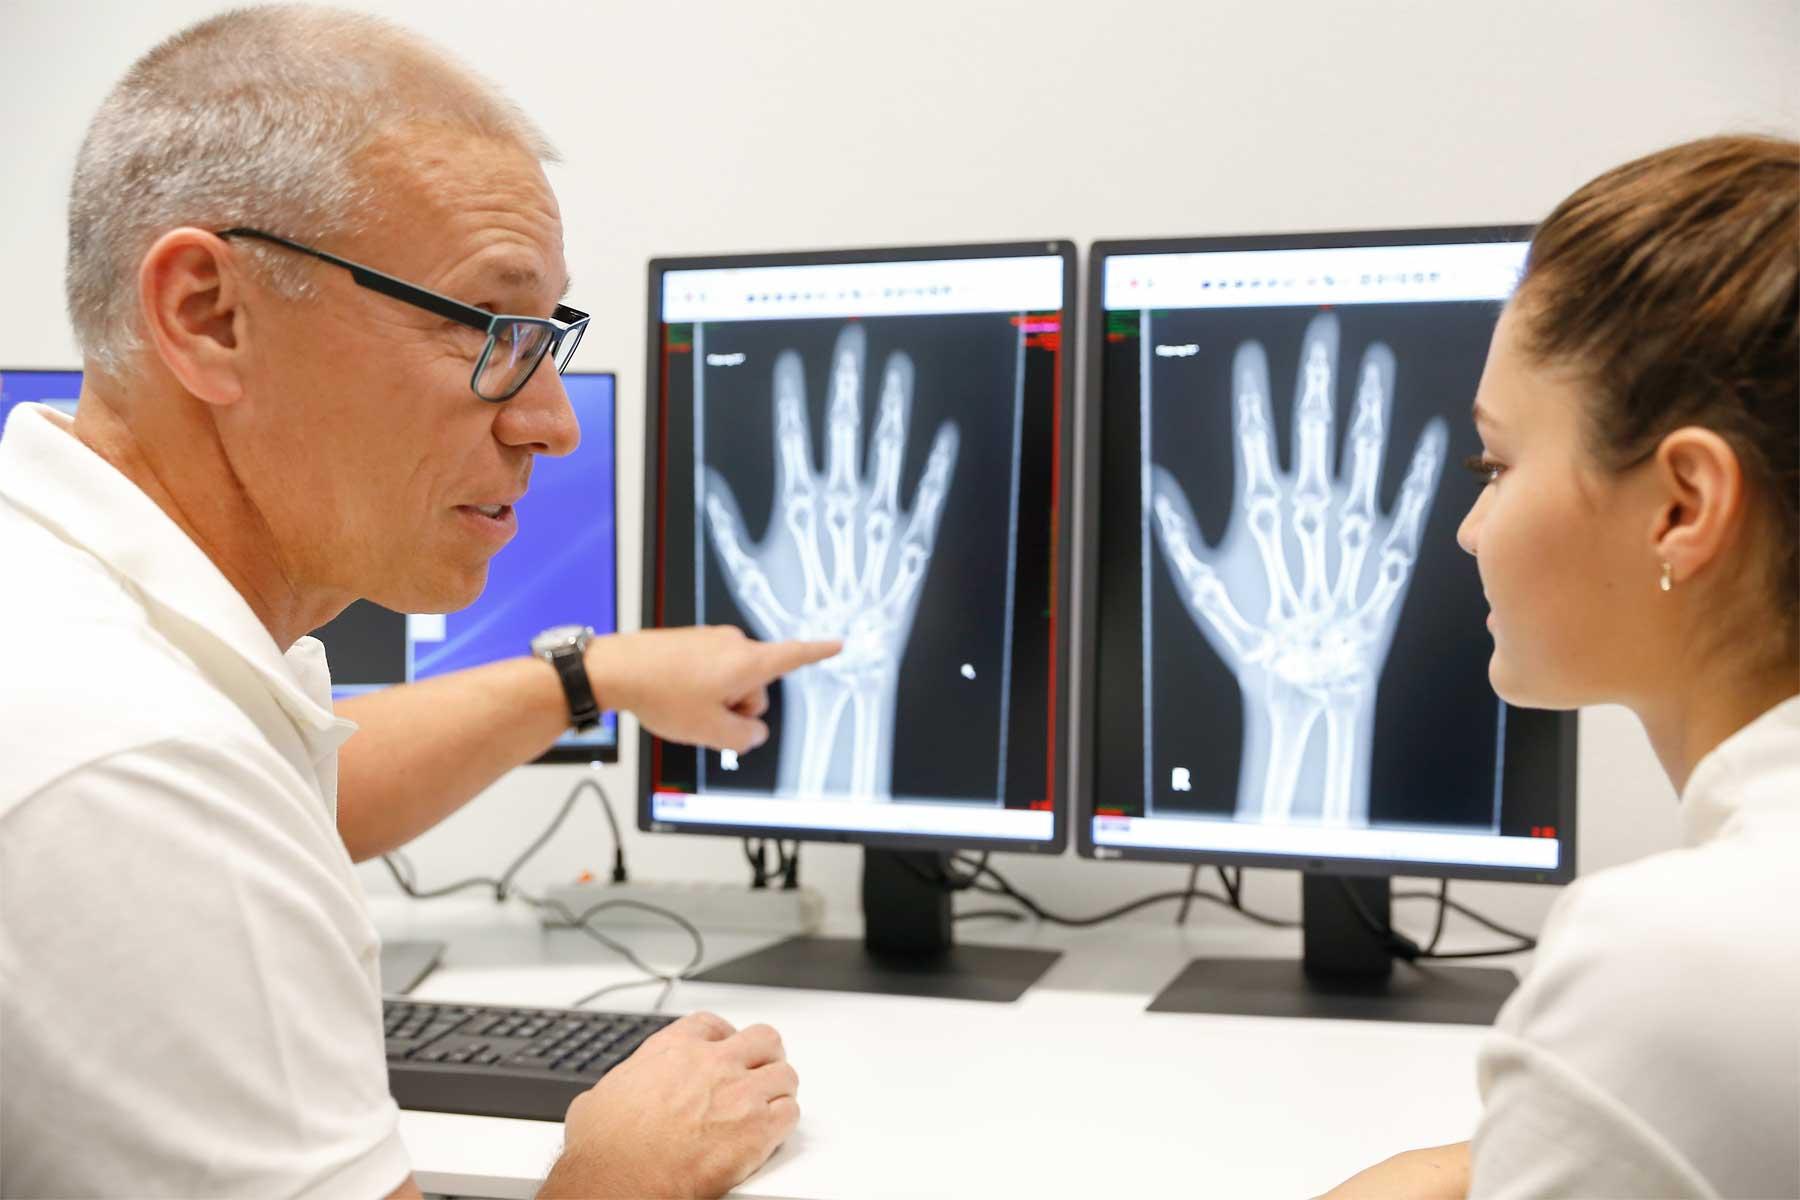 RNR Radiologie und Neuroradiologie am Glattzentrum: Dr. med. Ralph Berther im Gespräch mit einer Patientin